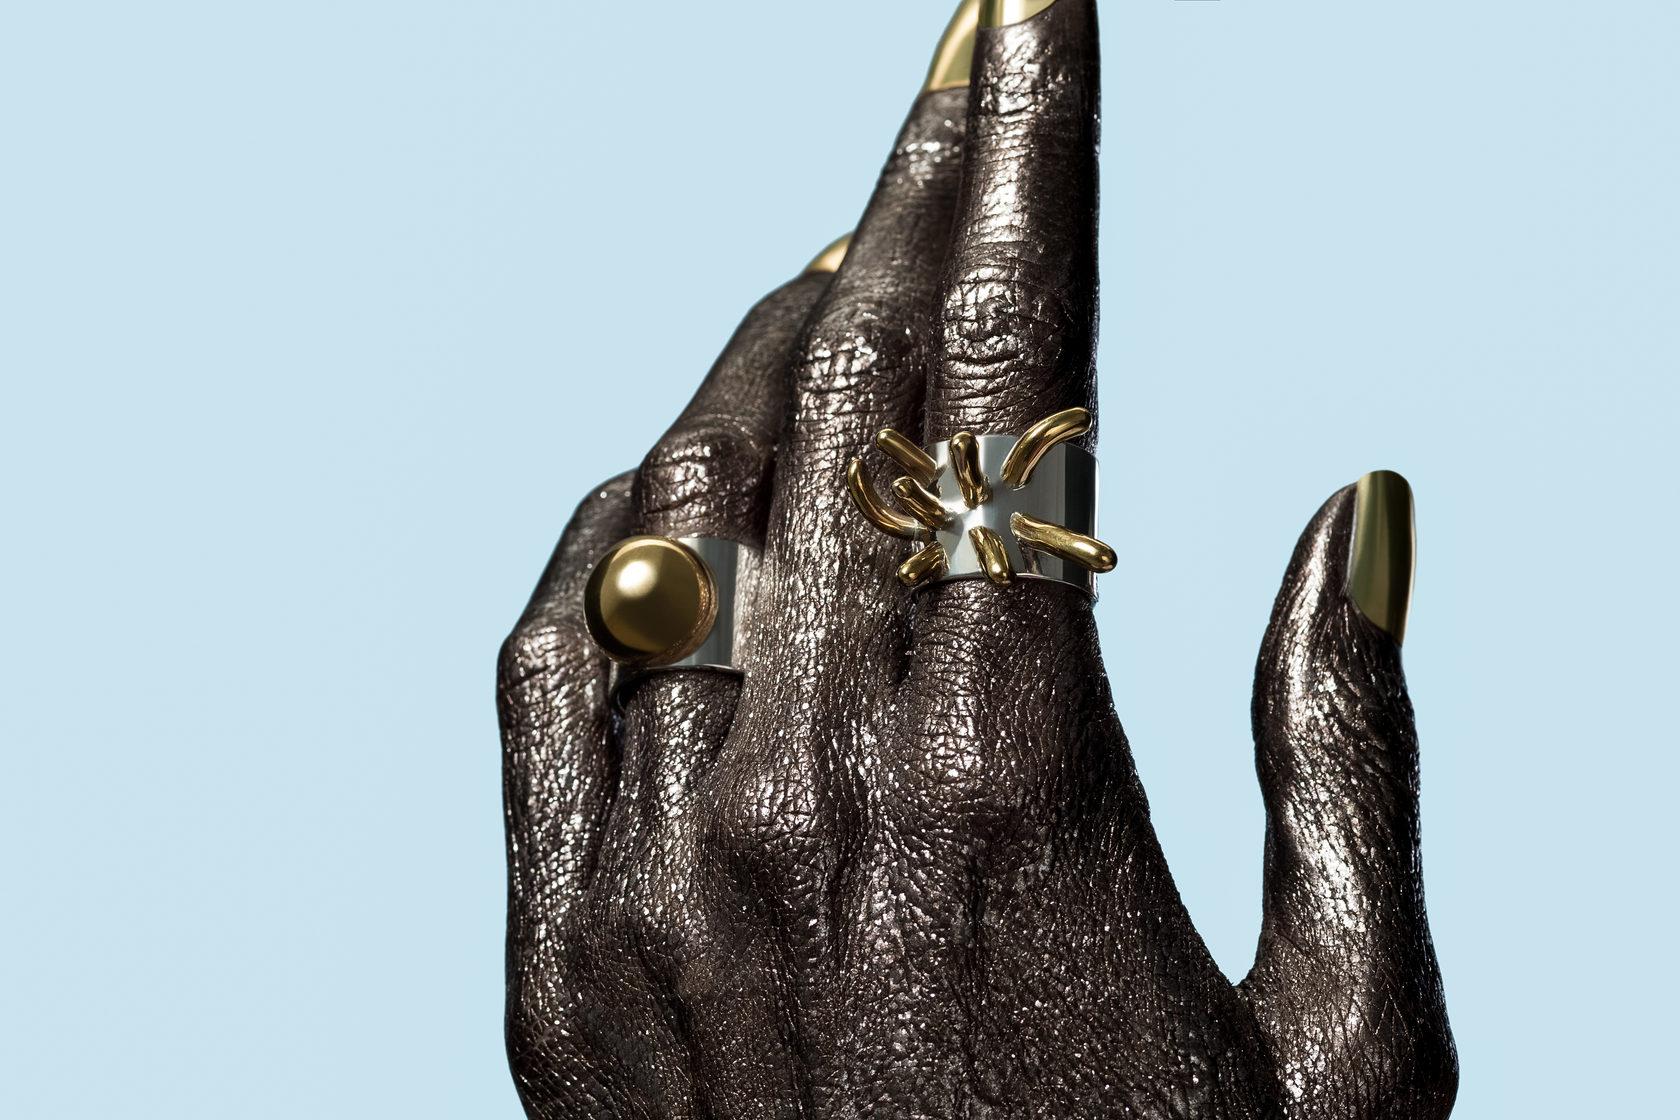 Блеск и стиль. Серебреные и золотые кольца Bubbles коллекция. Яркие весомые украшения.